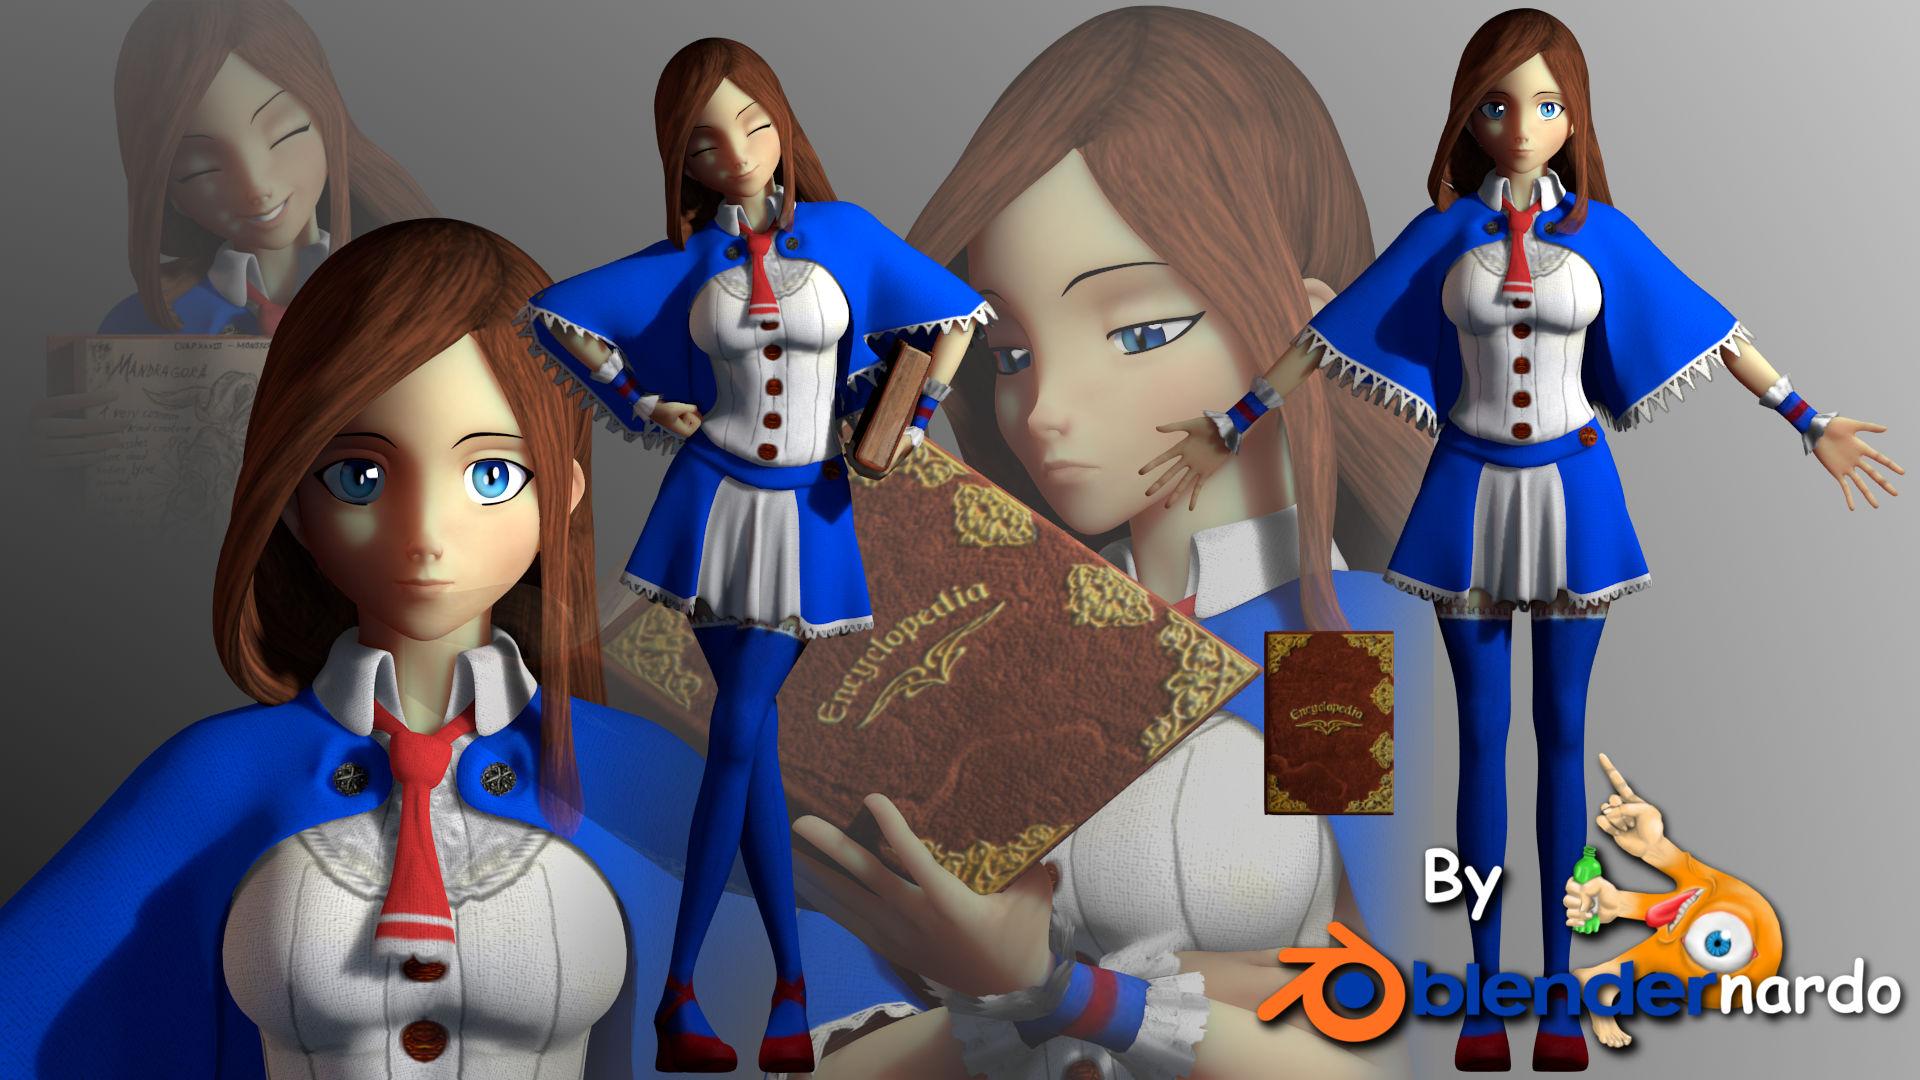 Charlotte aulin by blendernardo on deviantart for Deviantart vrchat avatars